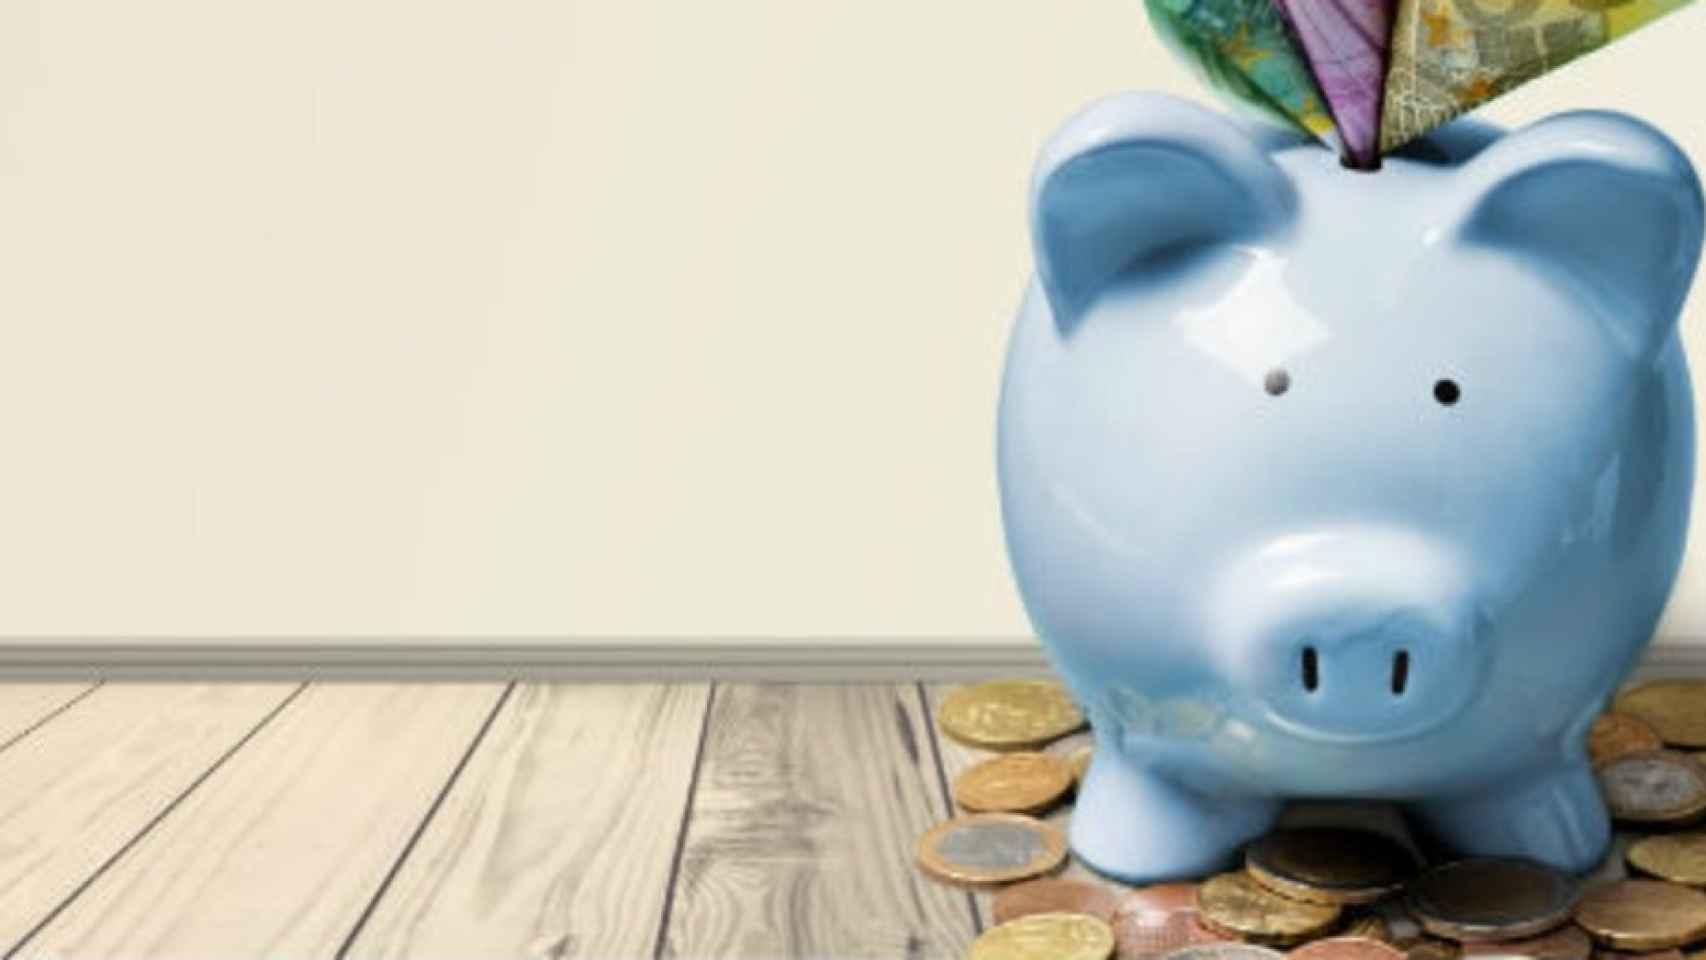 Imagen referencial sobre ahorros.